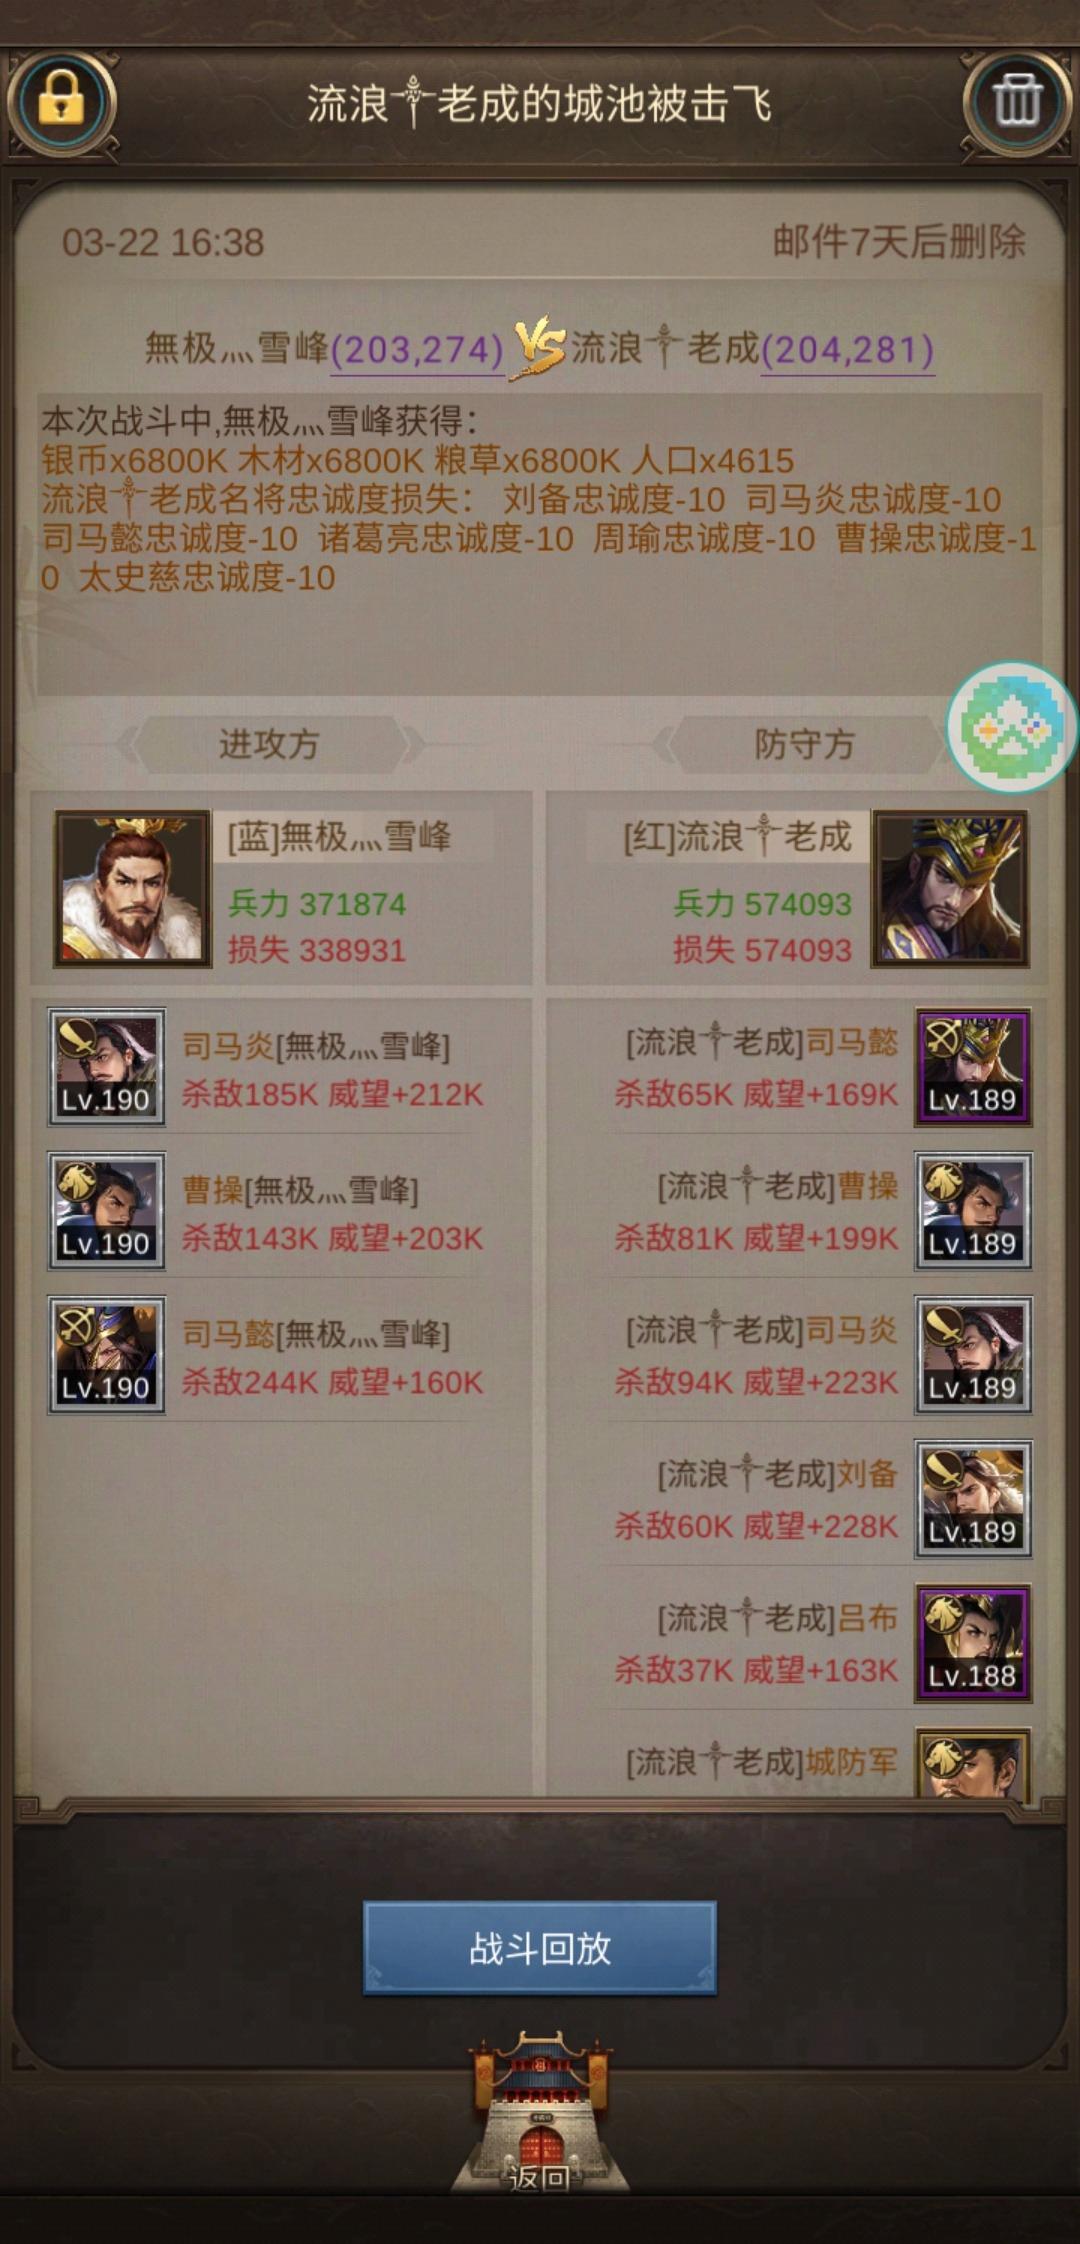 Screenshot_20210322_163906_com.jedigames.RXSG.caohua.jpg